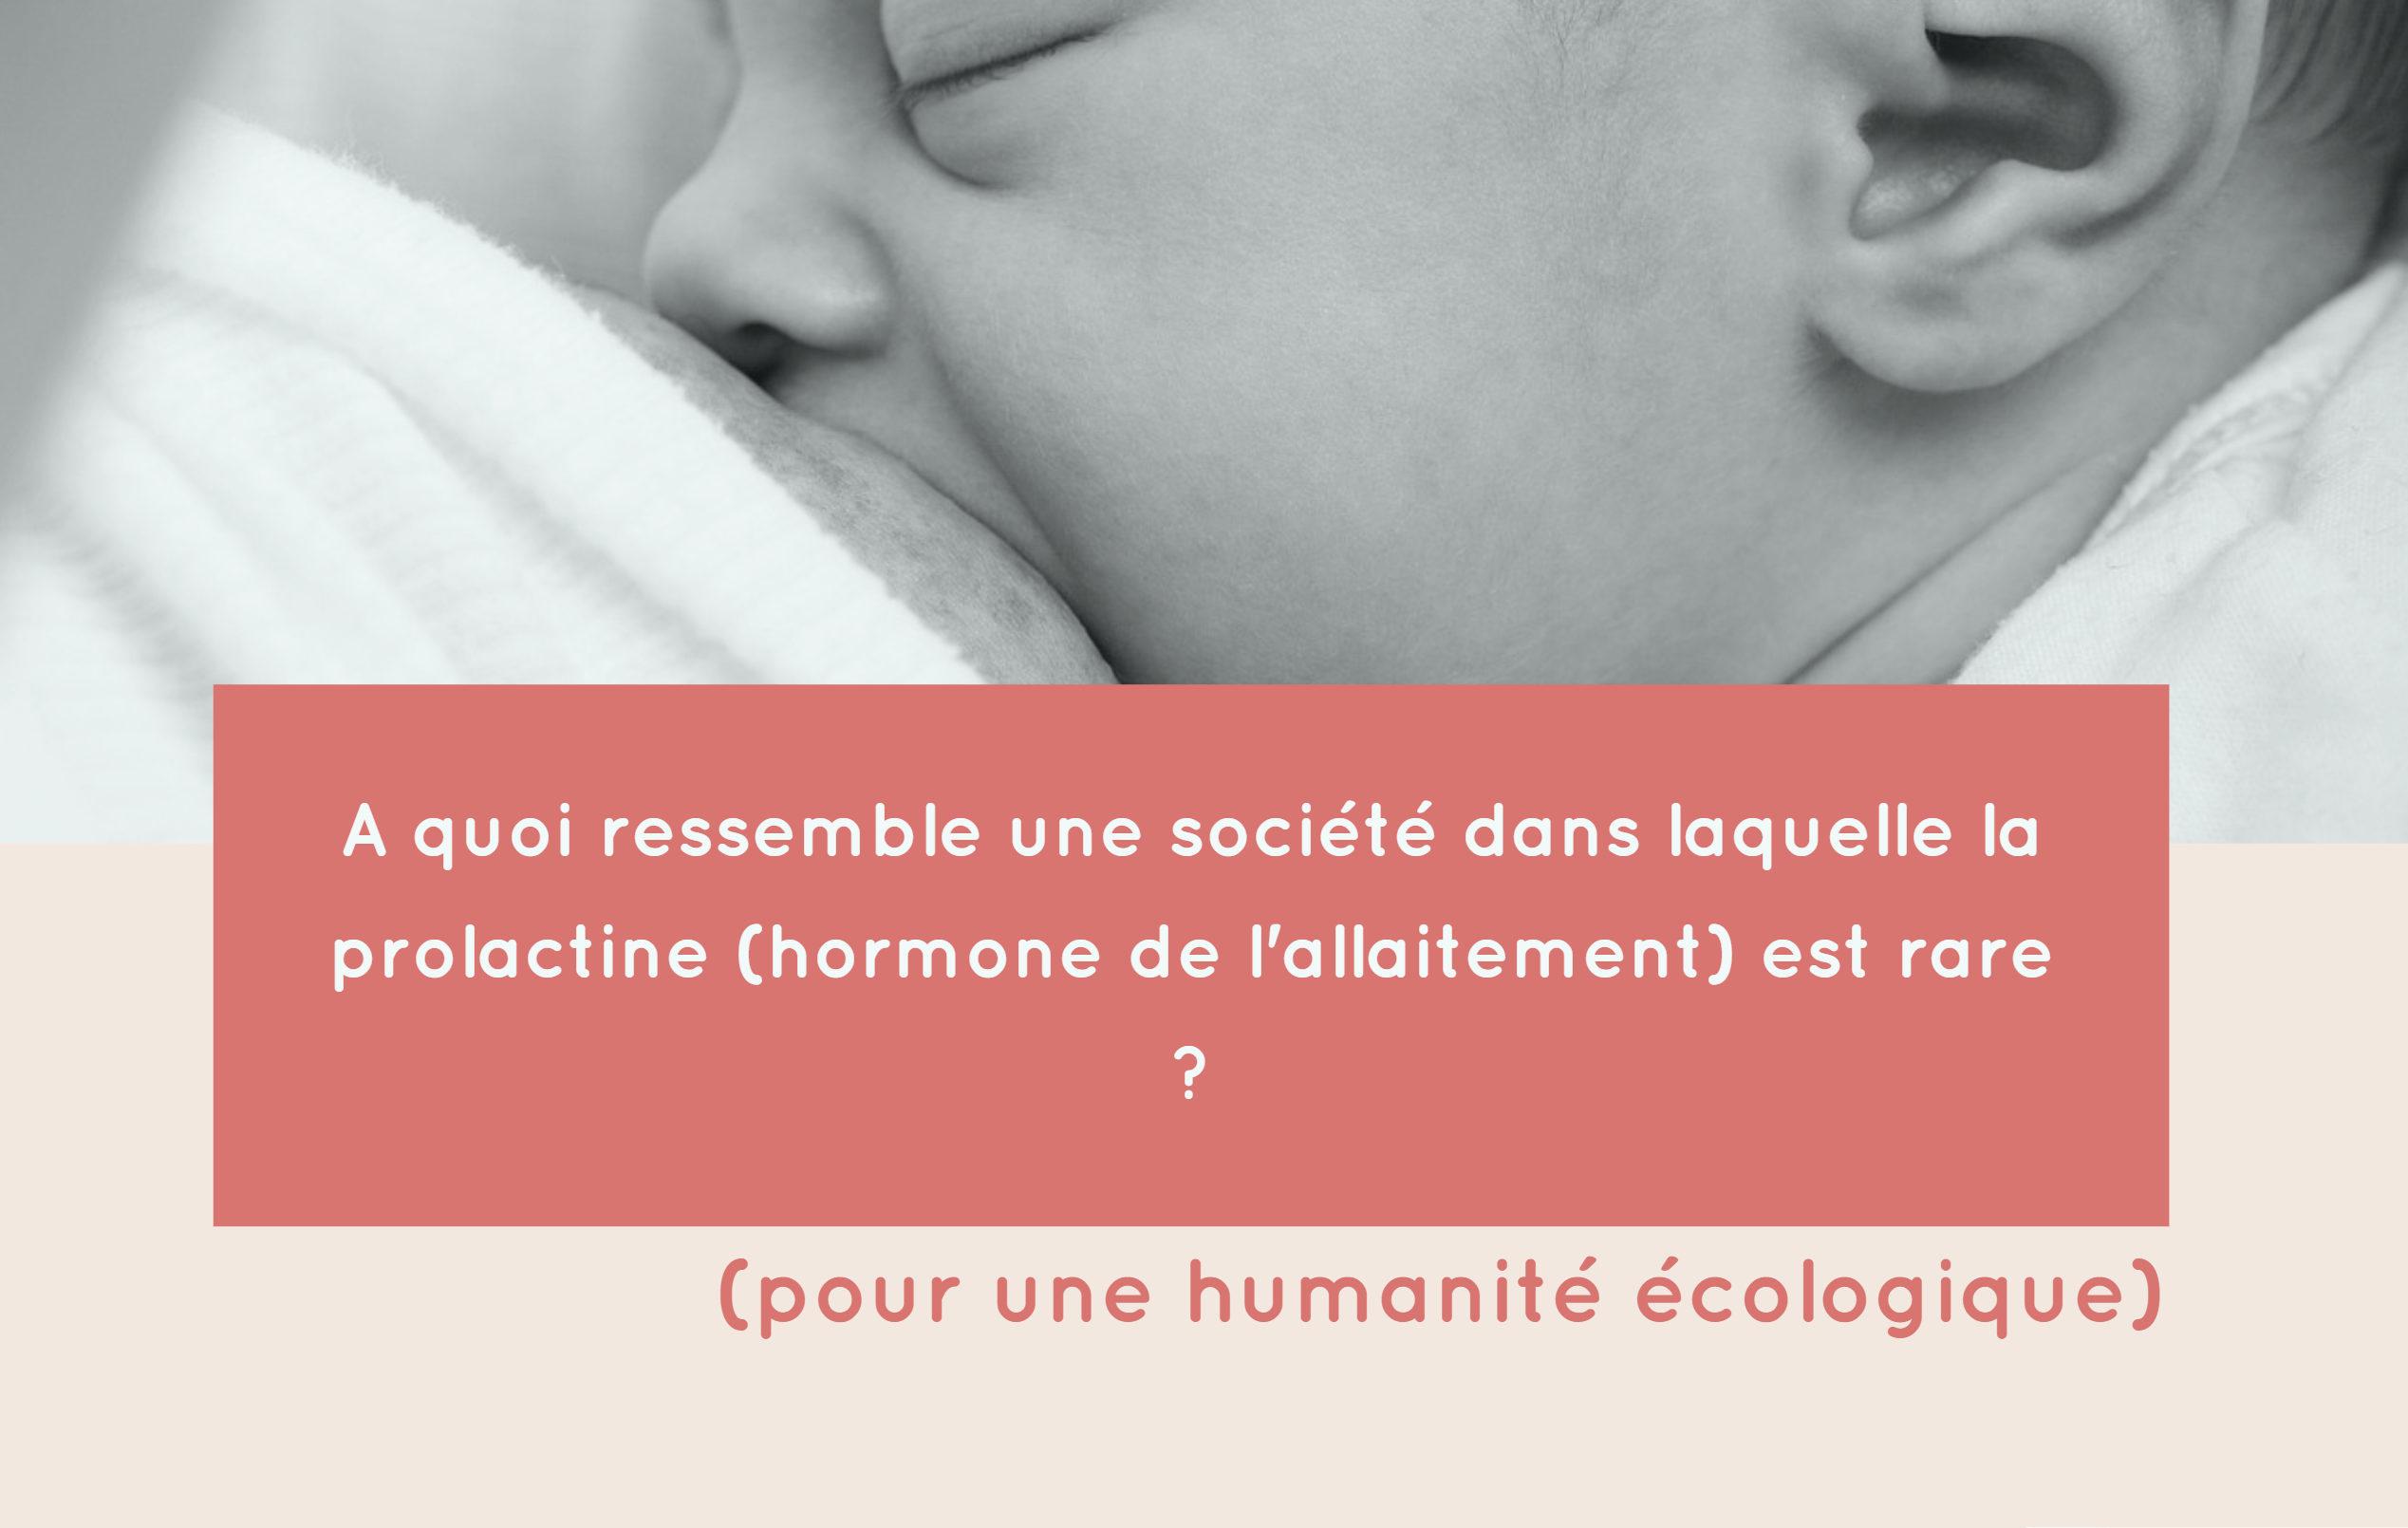 prolactine allaitement société